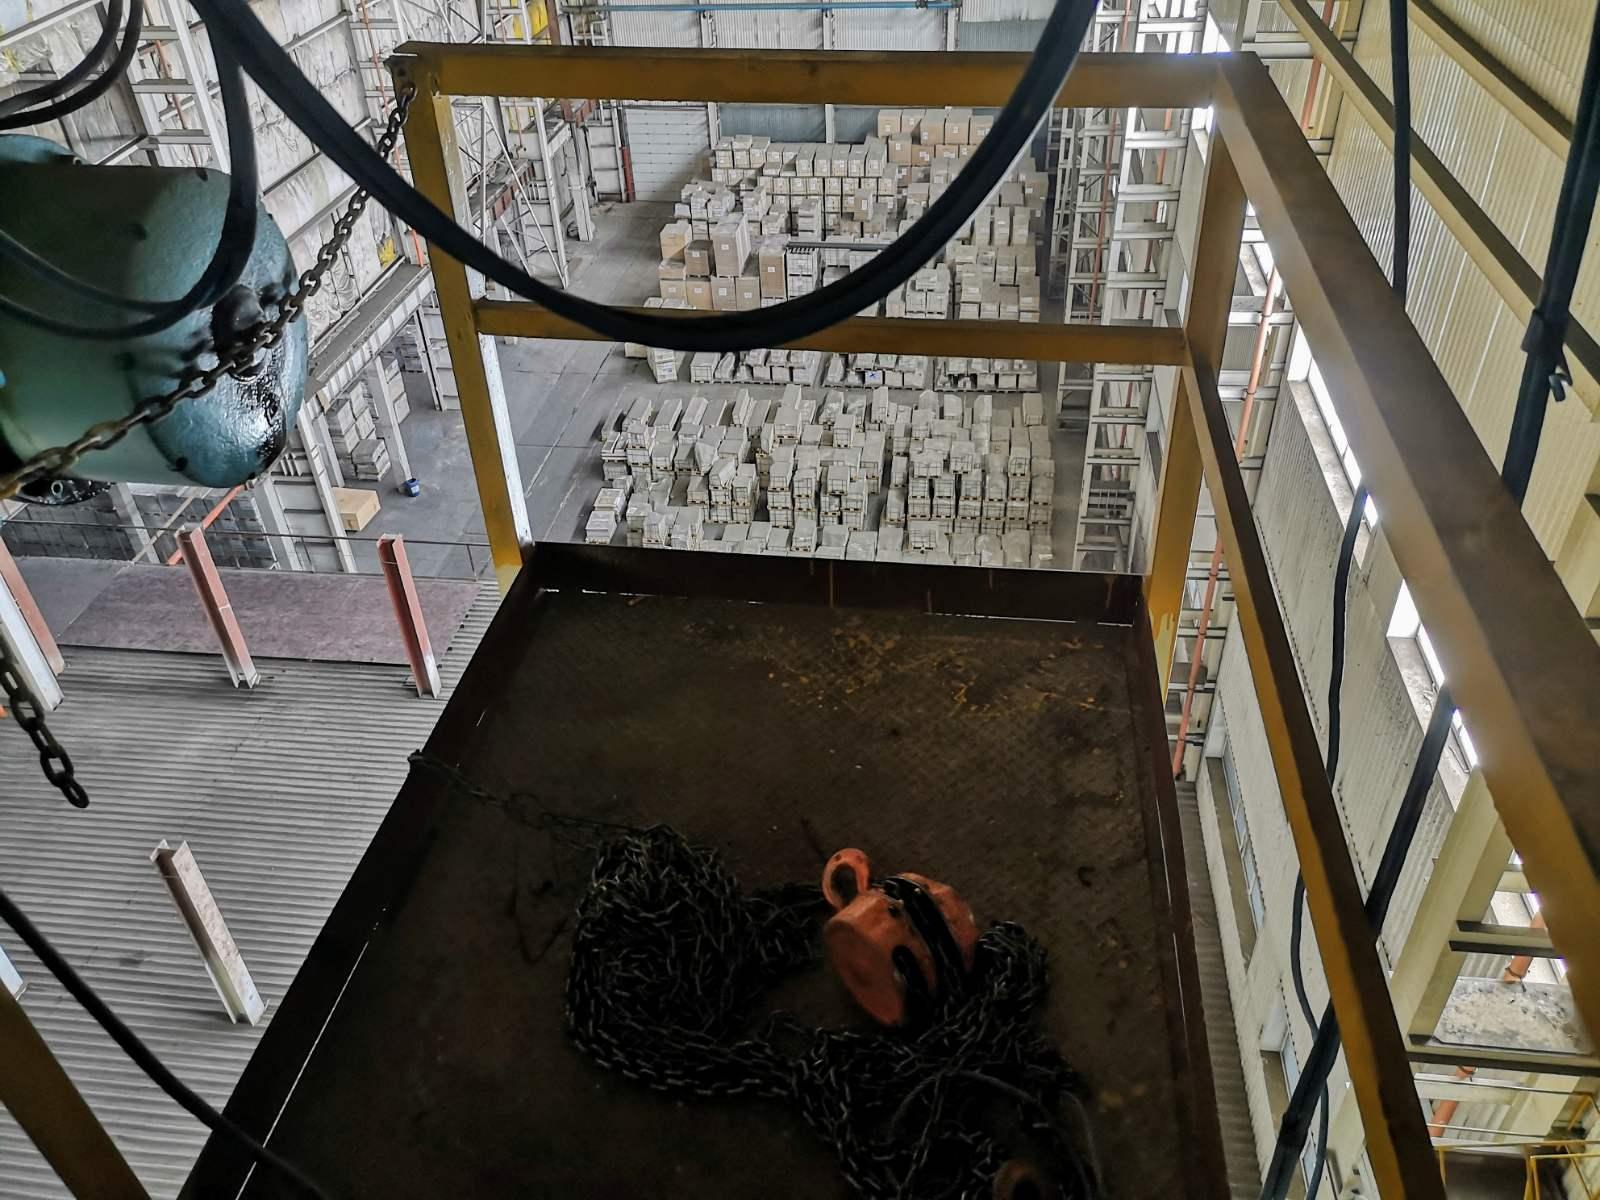 Исследовательско-внедренческий центр МОСТОКРАН увеличивает объем услуг предоставляемых владельцам грузоподъемной техники, фото-4